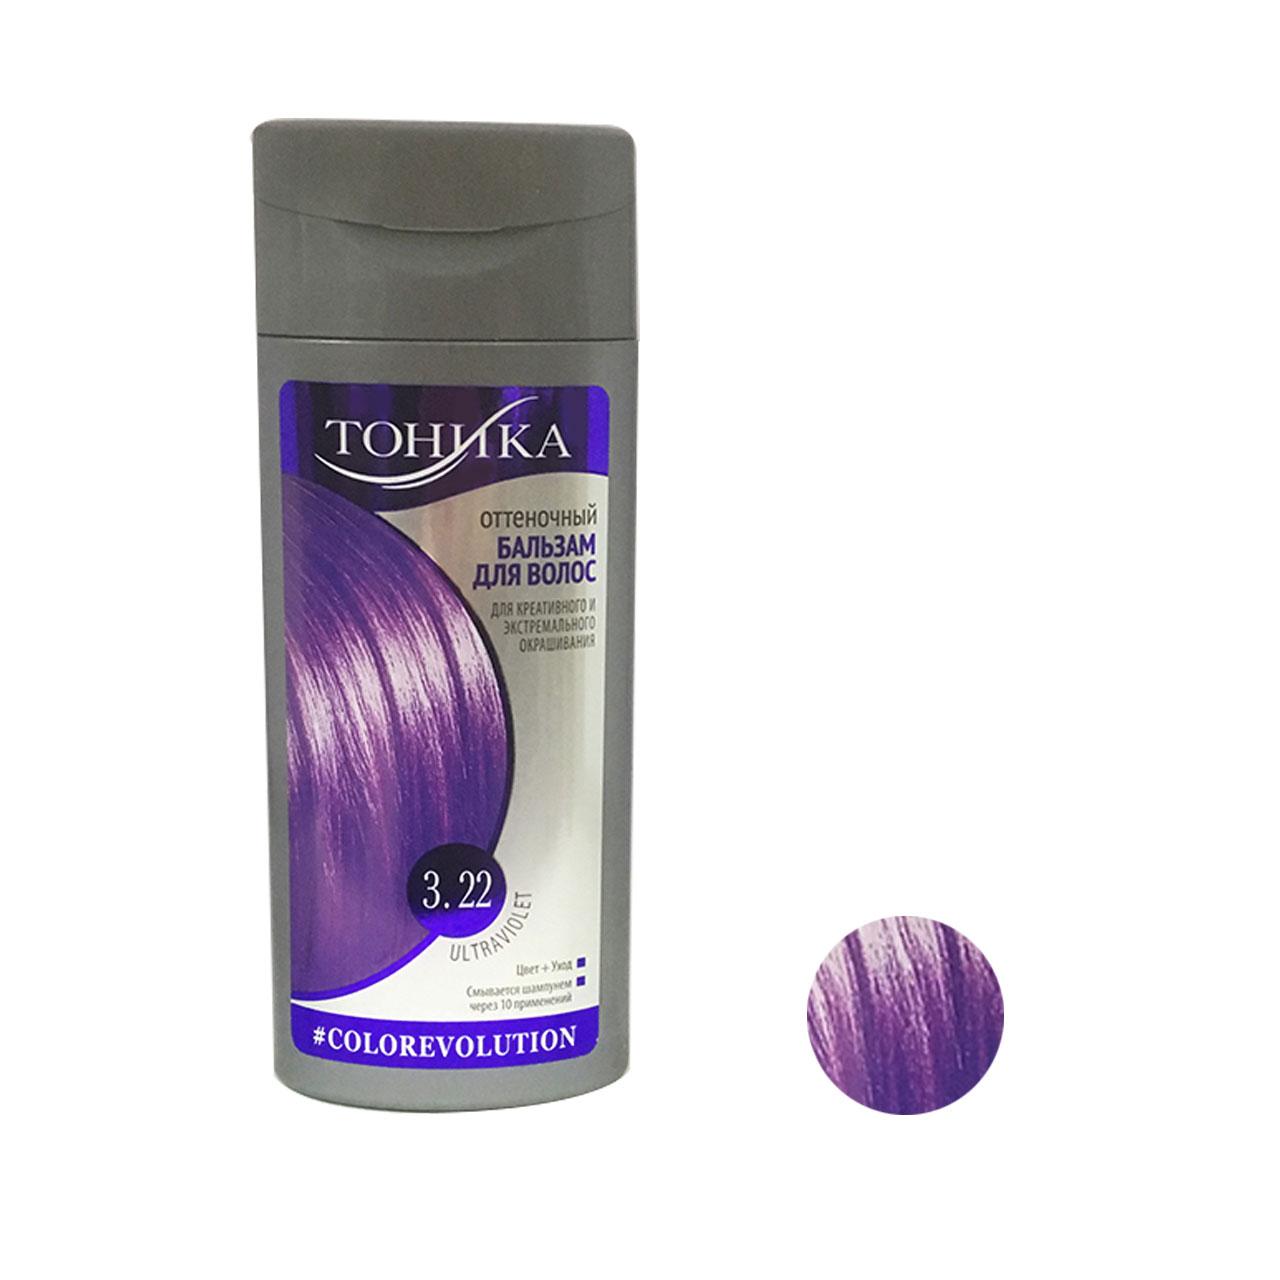 شامپو رنگ مو توهیکا شماره 3.22 حجم 150 میلی لیتر رنگ بنفش